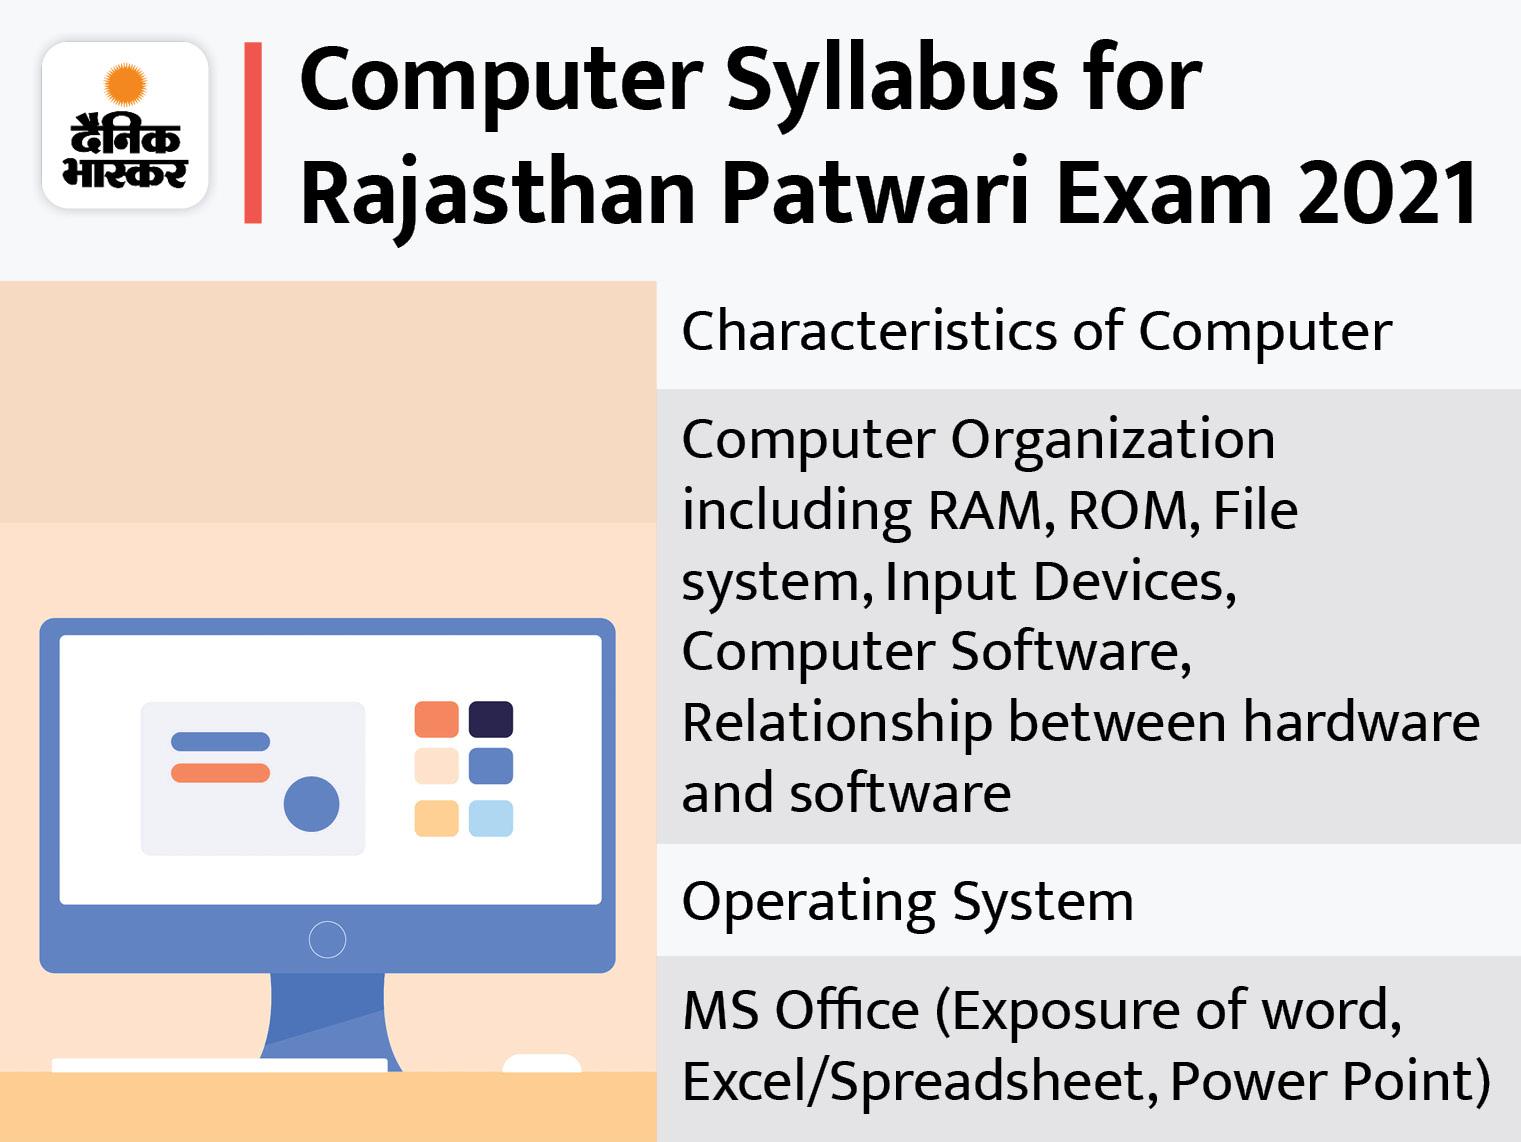 पटवारी भर्ती परीक्षा में Computer का सिलेबस रखें ध्यान में।